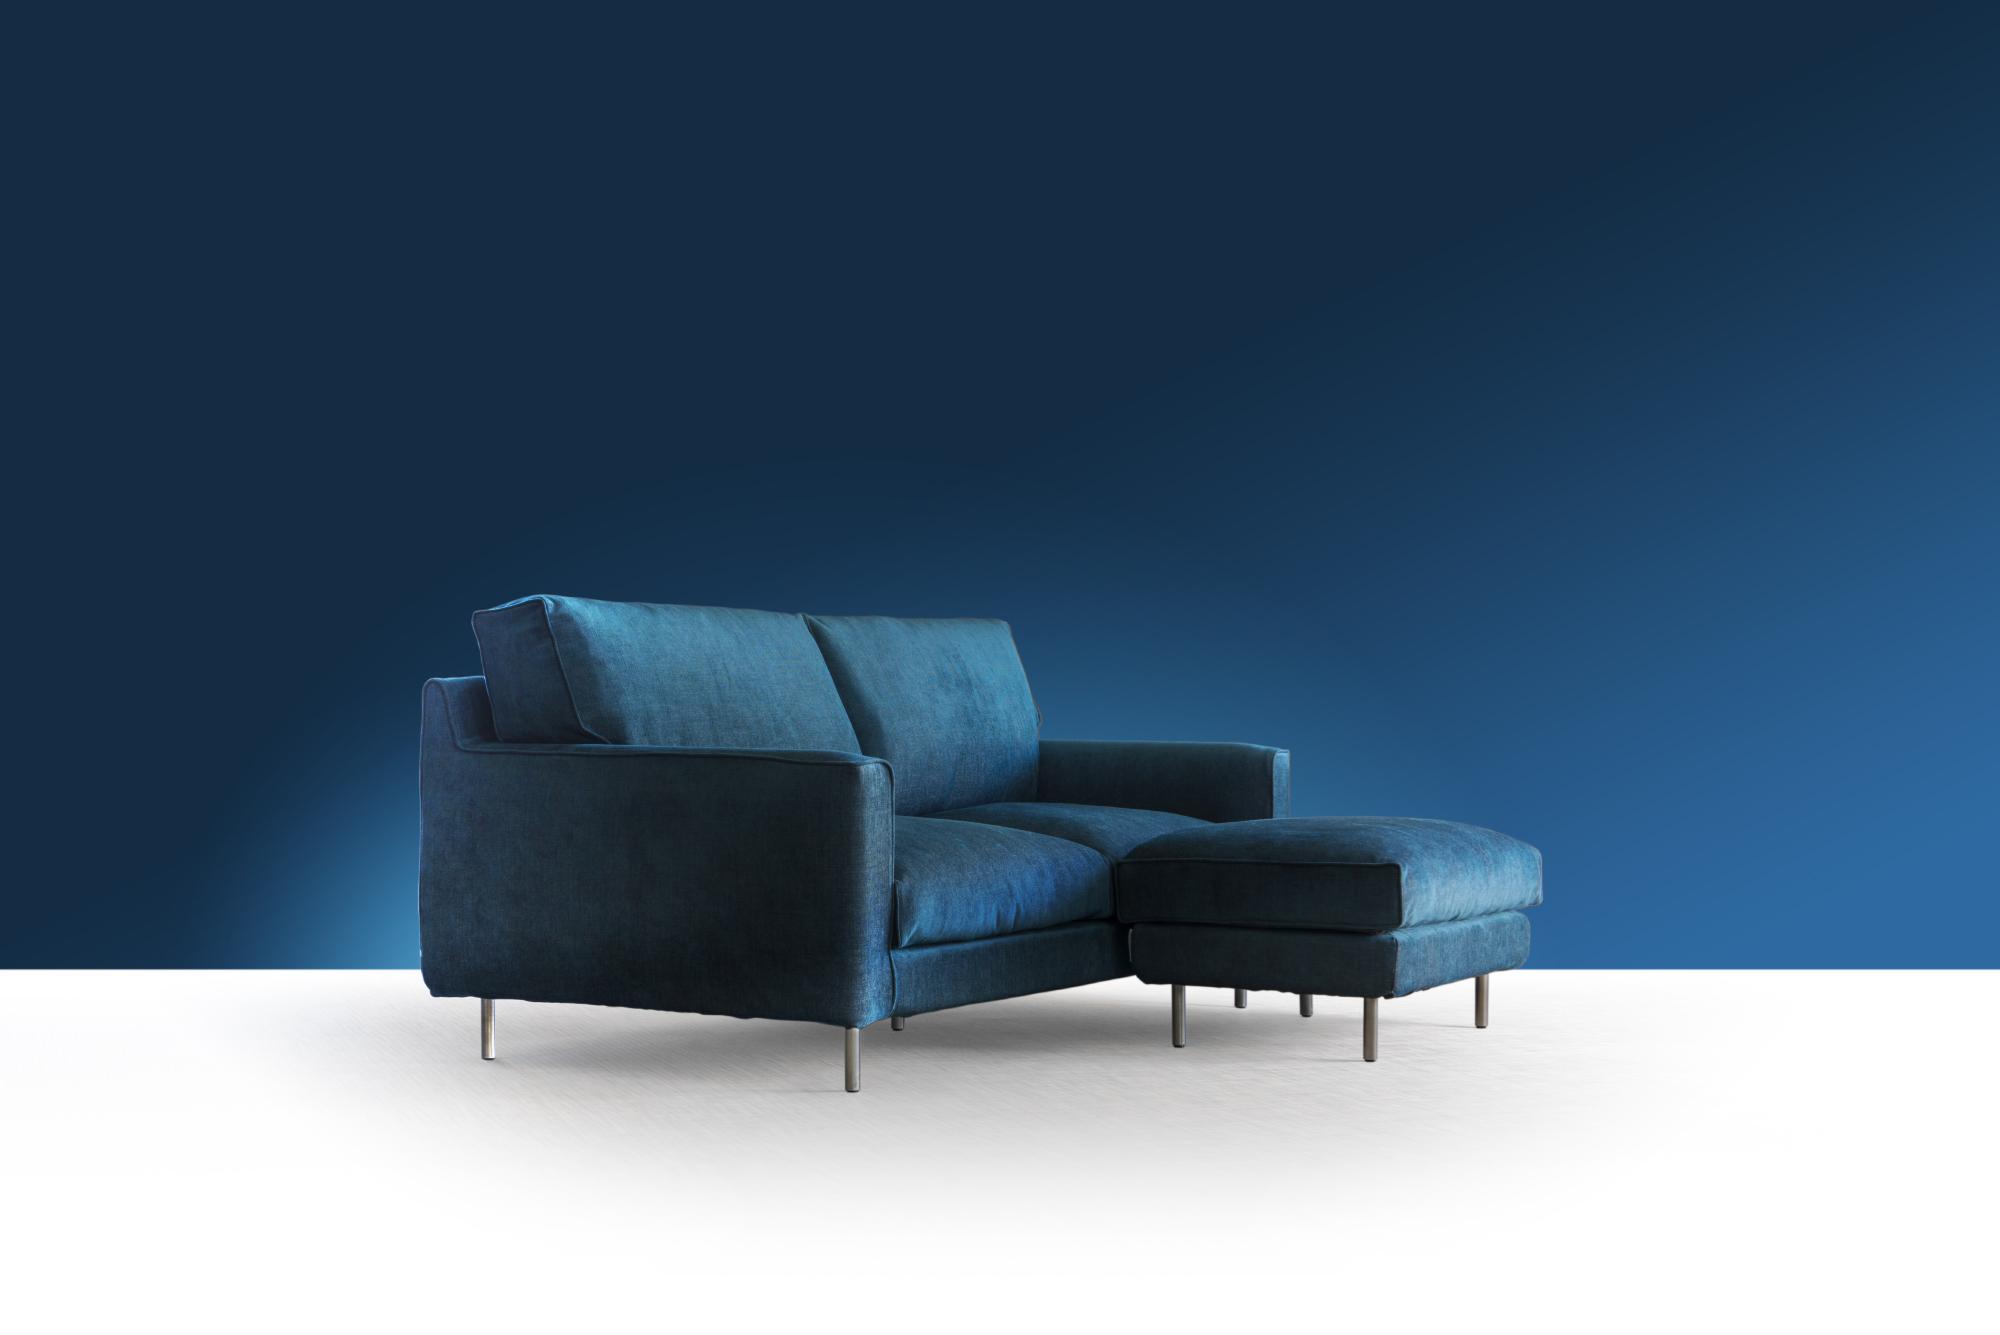 PG_oblique_blue_blue_m